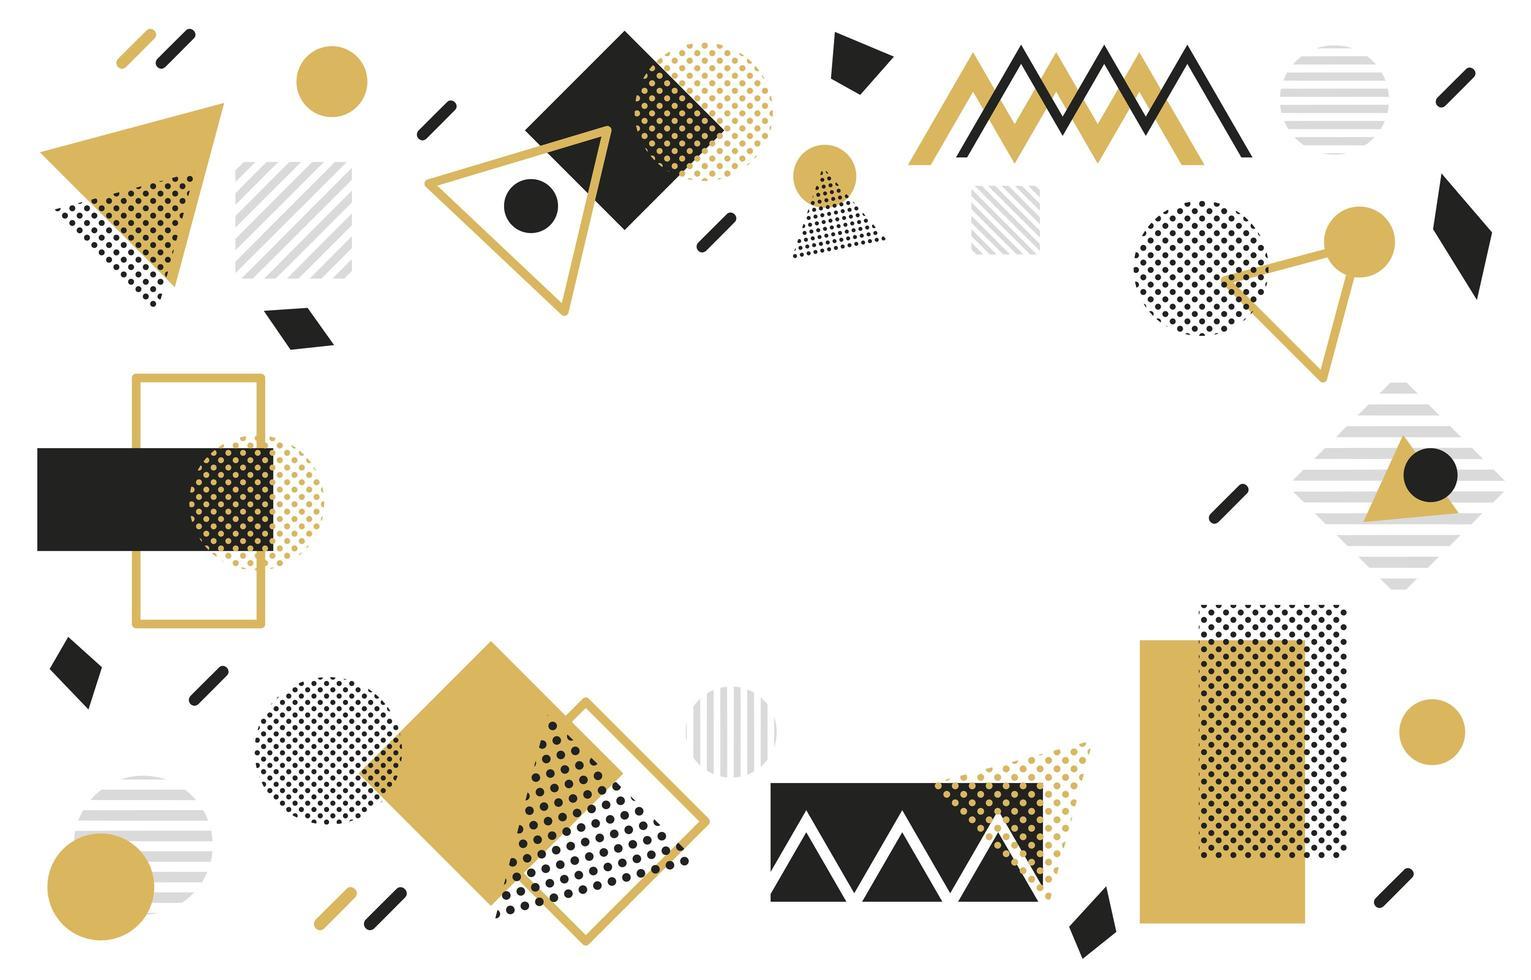 goldener und schwarzer geometrischer Hintergrund vektor